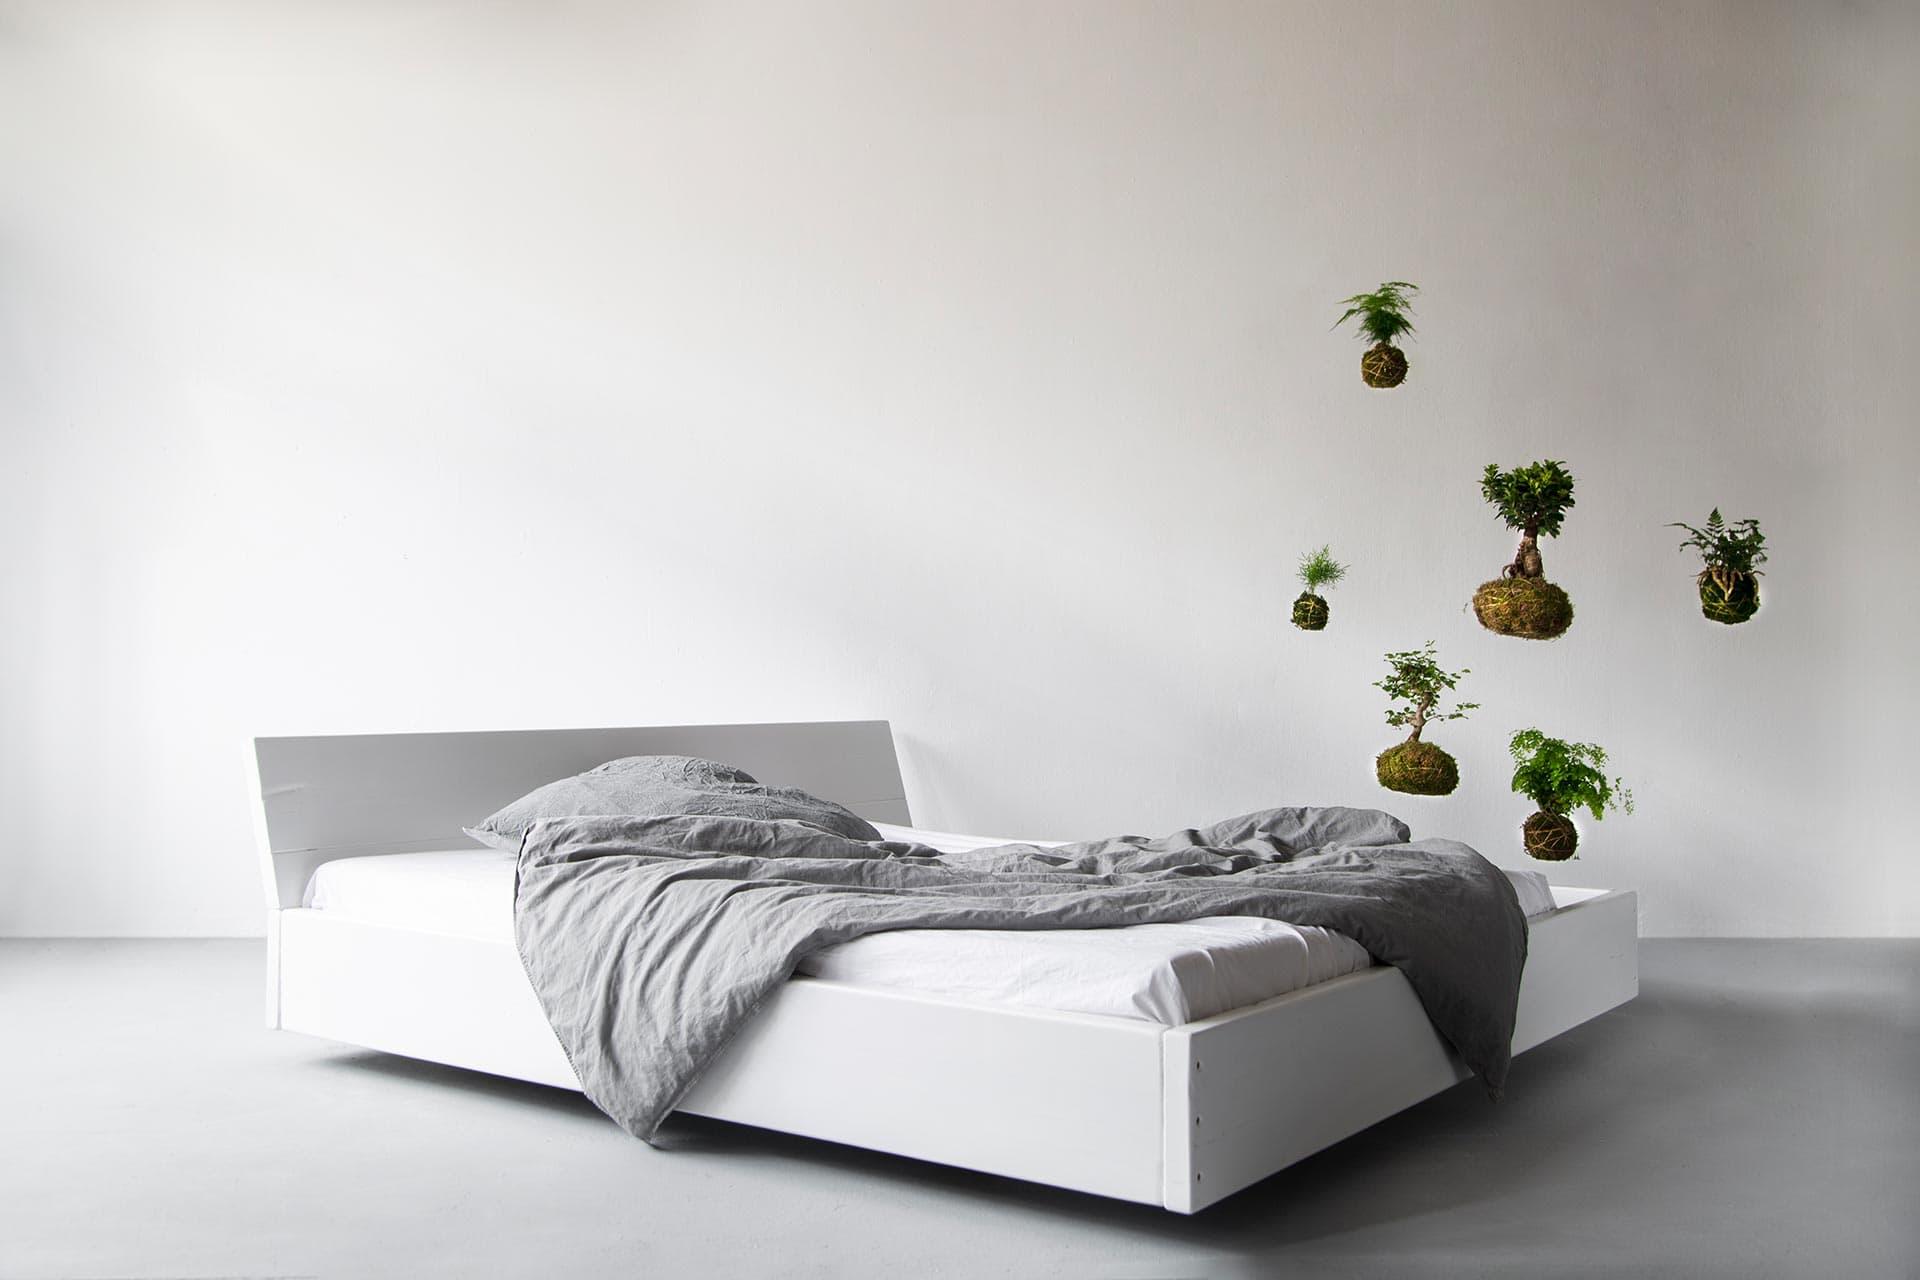 Lussan Bett weiß deckend Kopfteil 02